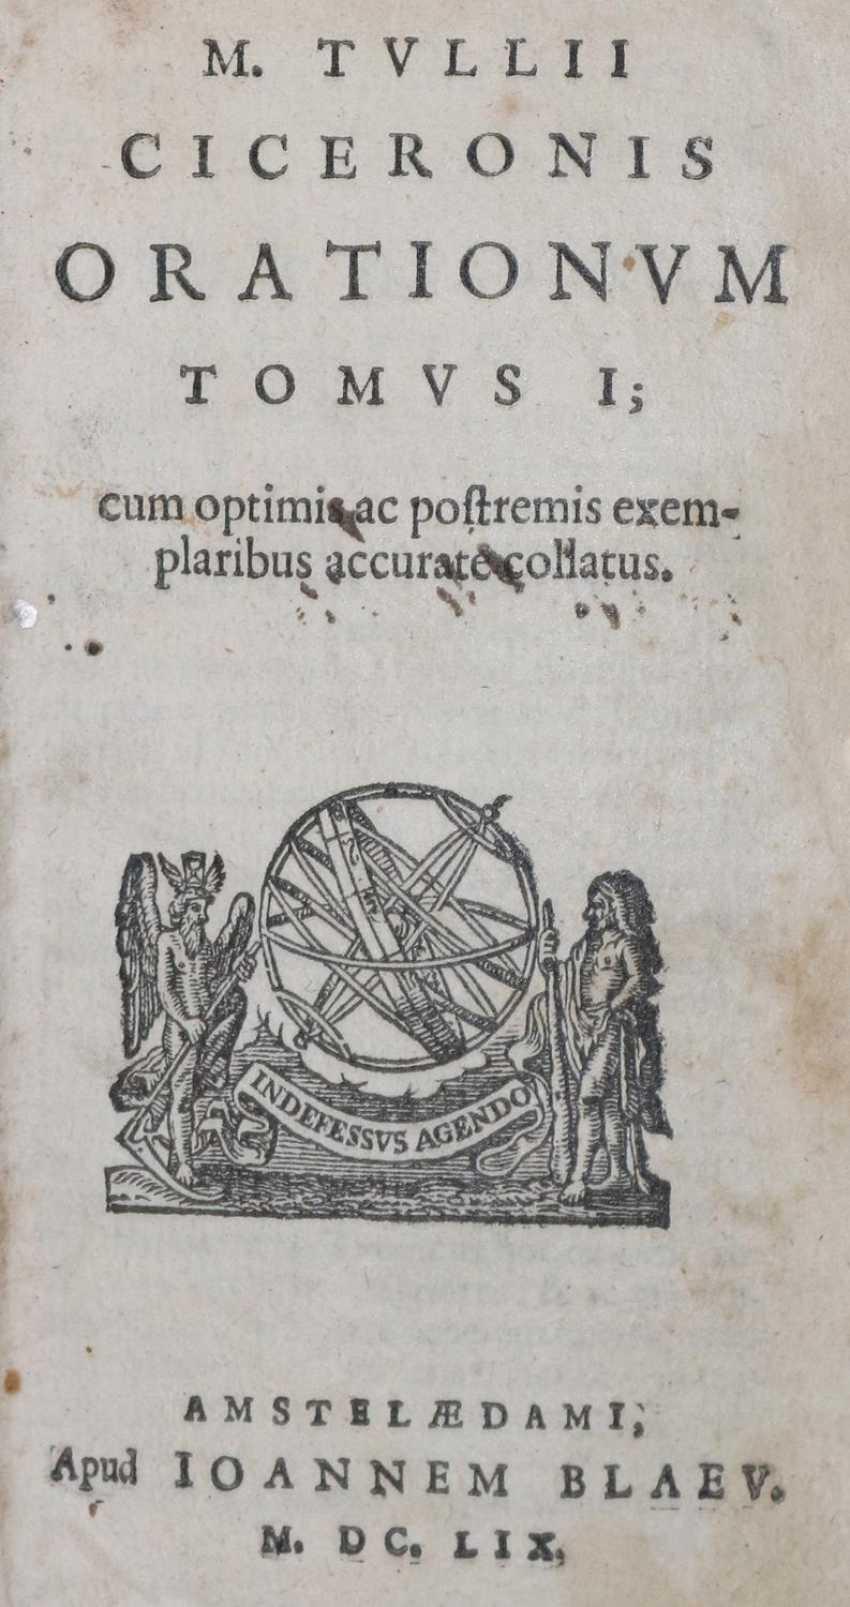 Cicero,M.T. - photo 1